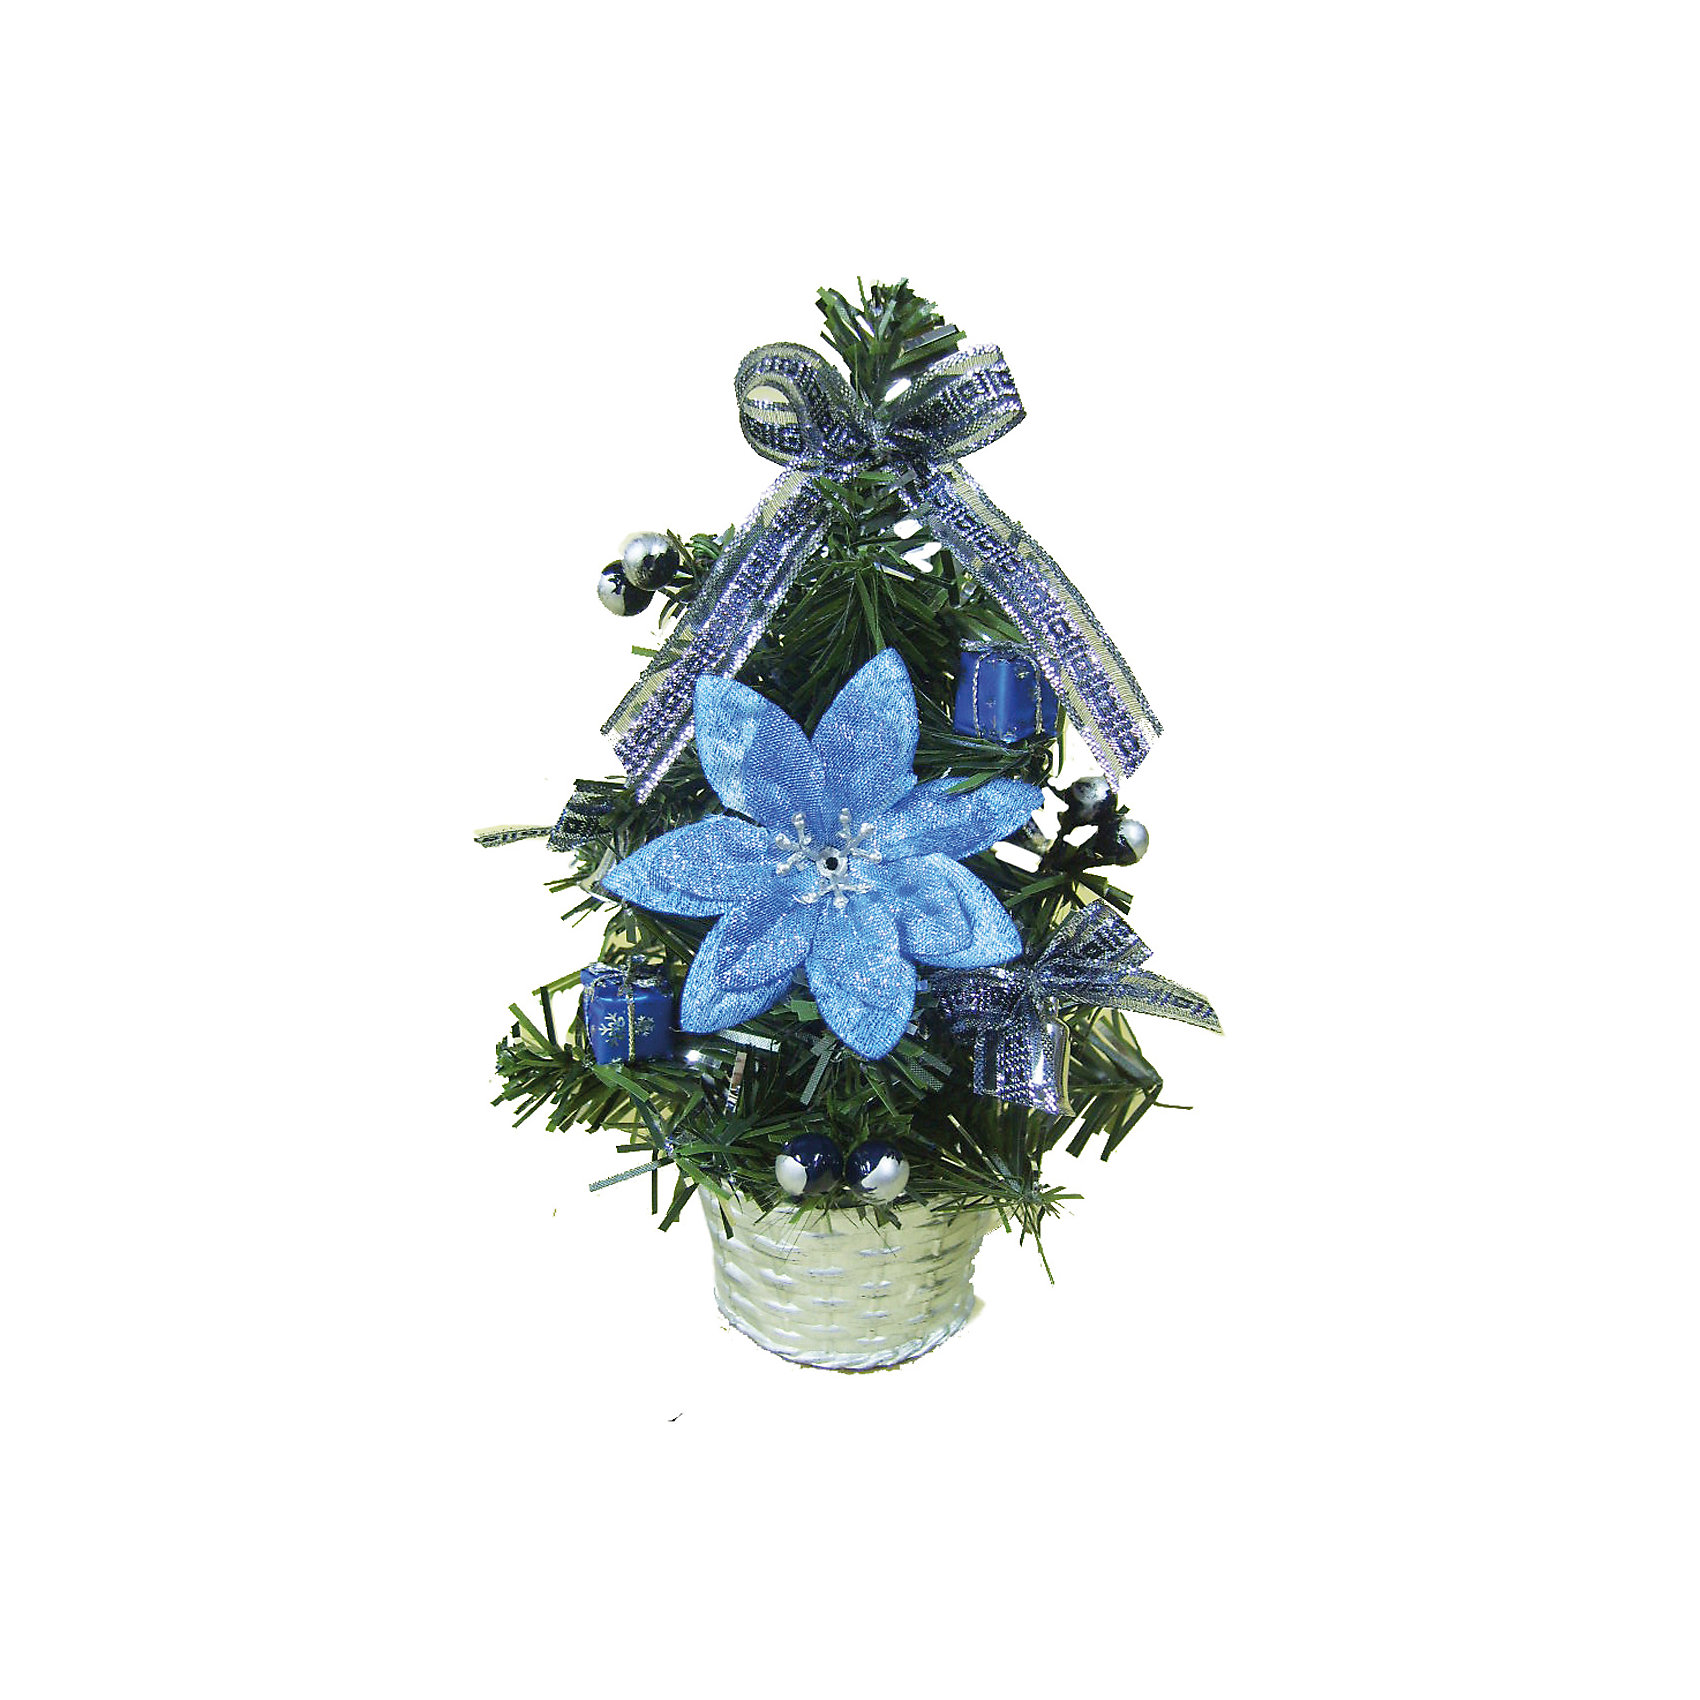 Украшенная ель 20 см, Marko FerenzoИскусственные ёлки<br>Ель, Marko Ferenzo, станет замечательным украшением Вашего интерьера и приятным сувениром для родных и друзей. Нарядная, миниатюрная елочка порадует и взрослых и детей и создаст волшебную атмосферу новогодних праздников. Елочка имеет подставку в виде горшочка и декорирована большим синим цветком, украшениями в виде подарочных коробочек и серебристыми ленточками  <br><br>Дополнительная информация:<br><br>- Цвет украшений: бирюза, синий, серебро.<br>- Высота ели: 20 см.<br>- Вес: 0,677 кг. <br><br>Украшенная ель 20 см., Marko Ferenzo, можно купить в нашем интернет-магазине.<br><br>Ширина мм: 100<br>Глубина мм: 10<br>Высота мм: 100<br>Вес г: 677<br>Возраст от месяцев: 36<br>Возраст до месяцев: 2147483647<br>Пол: Унисекс<br>Возраст: Детский<br>SKU: 4418891